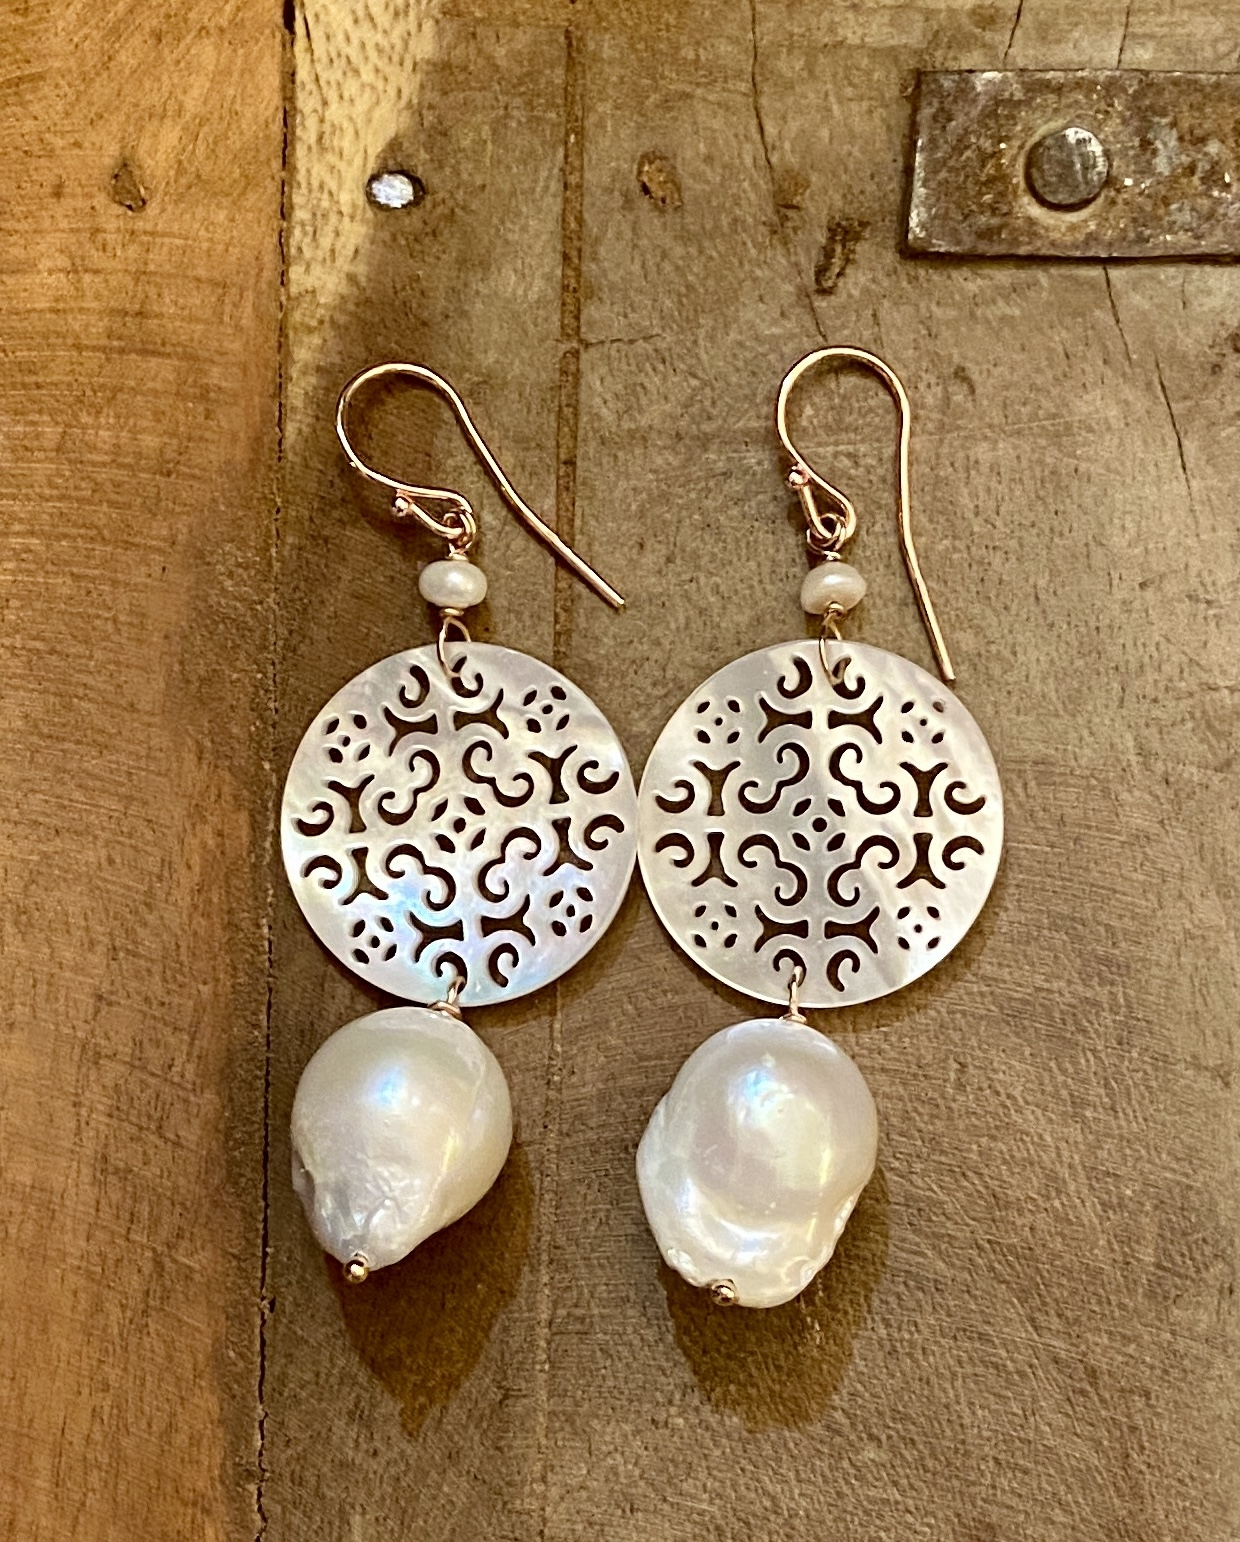 orecchini in madreperla con perle di acqua dolce